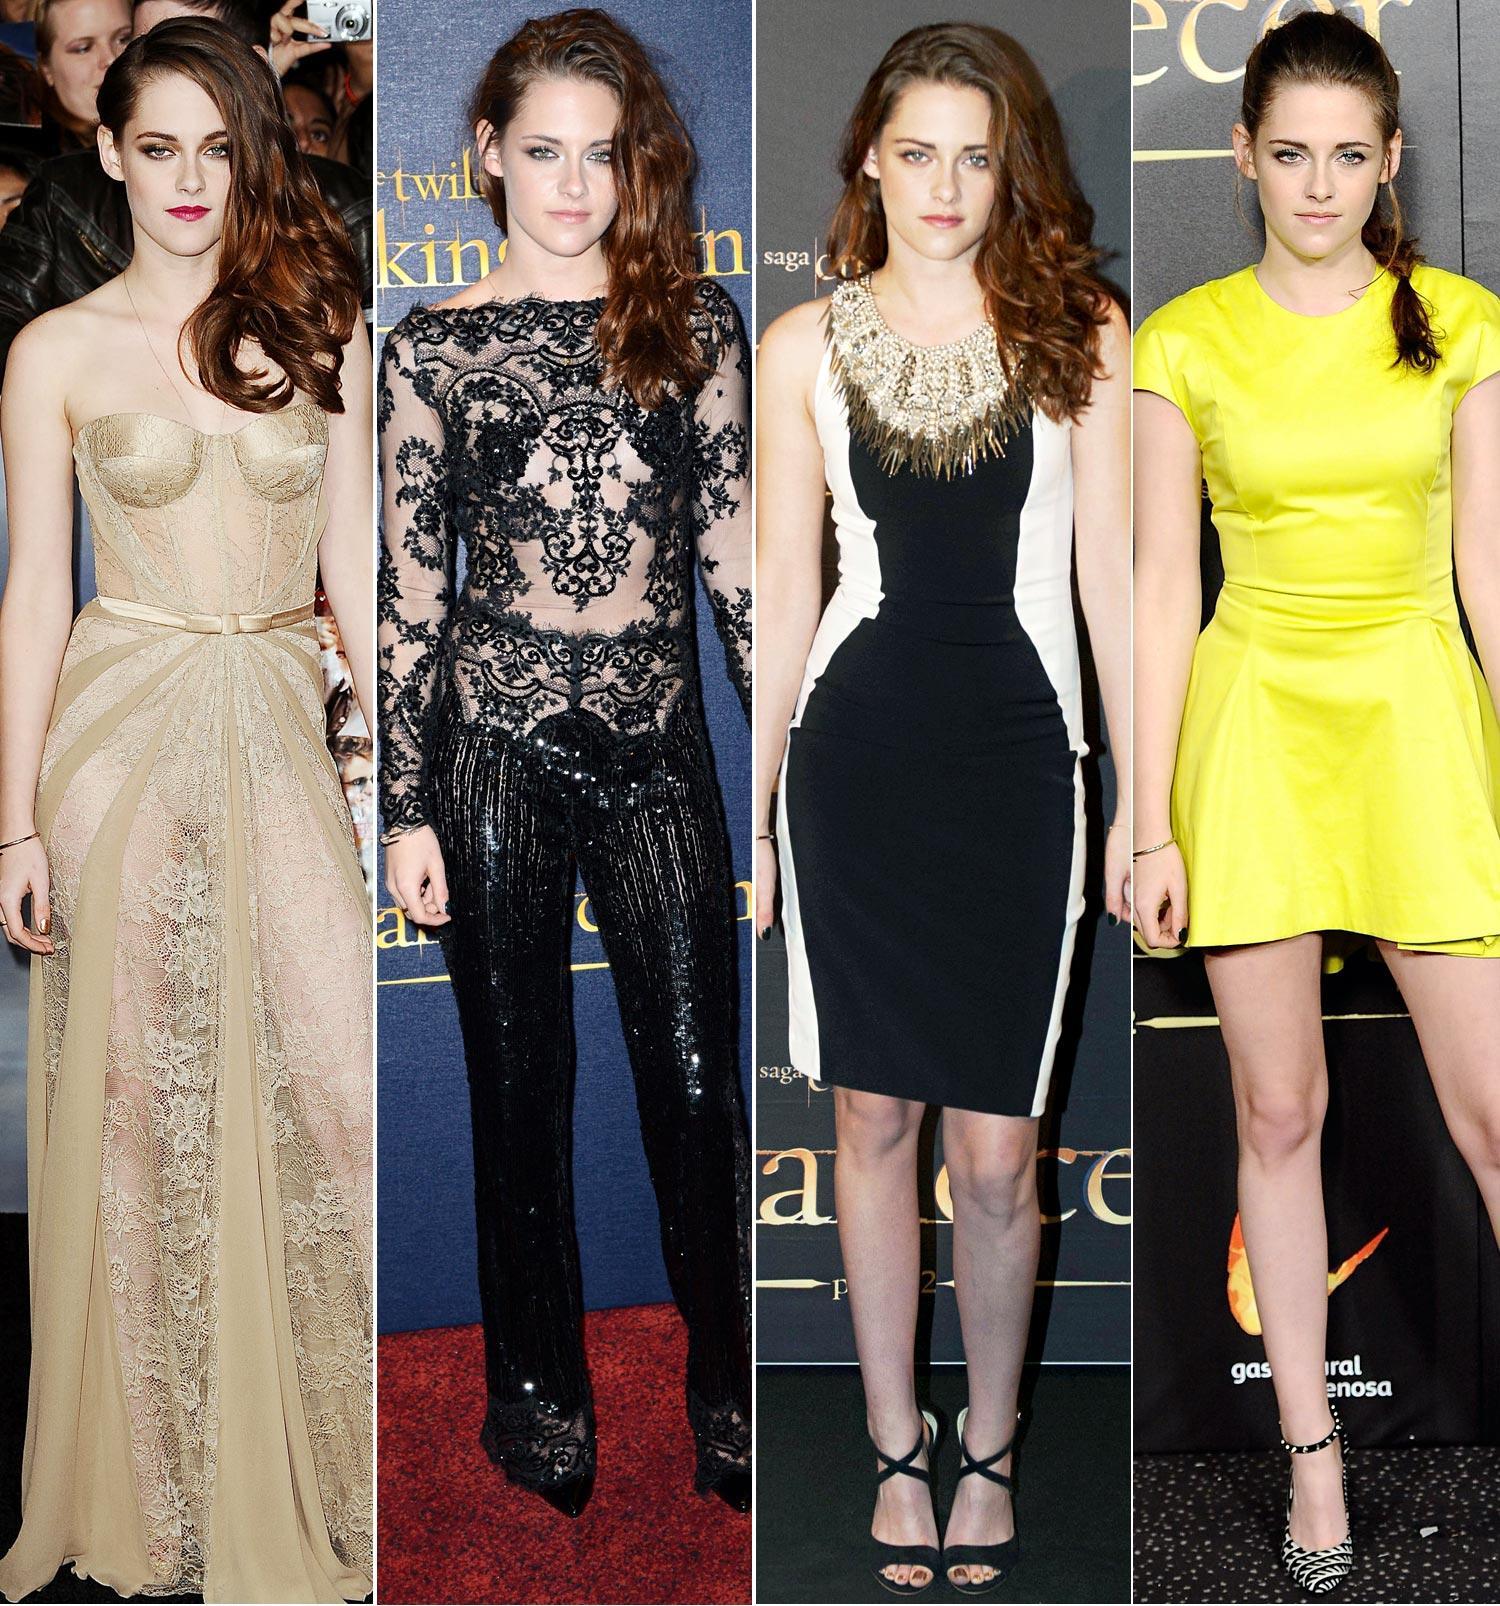 Các ngôi sao biểu tượng cho thời trang mùa hè 2013